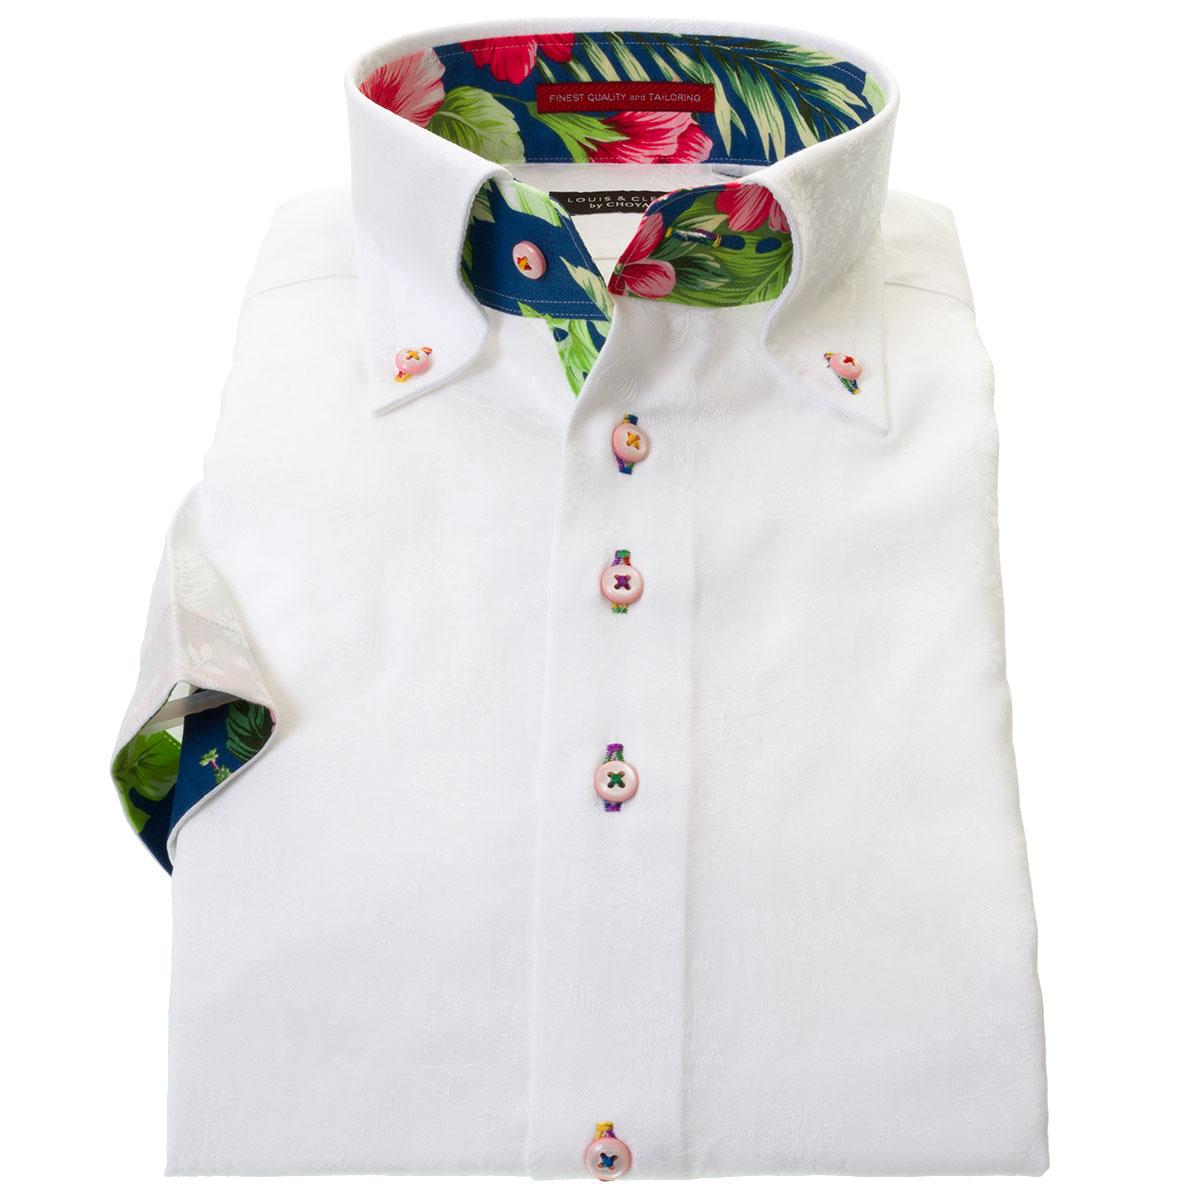 国産半袖ドレスシャツ ボタンダウン コンフォート 綿100% 胸ポケット無 ホワイトジャガード フラワー ハート  メンズ